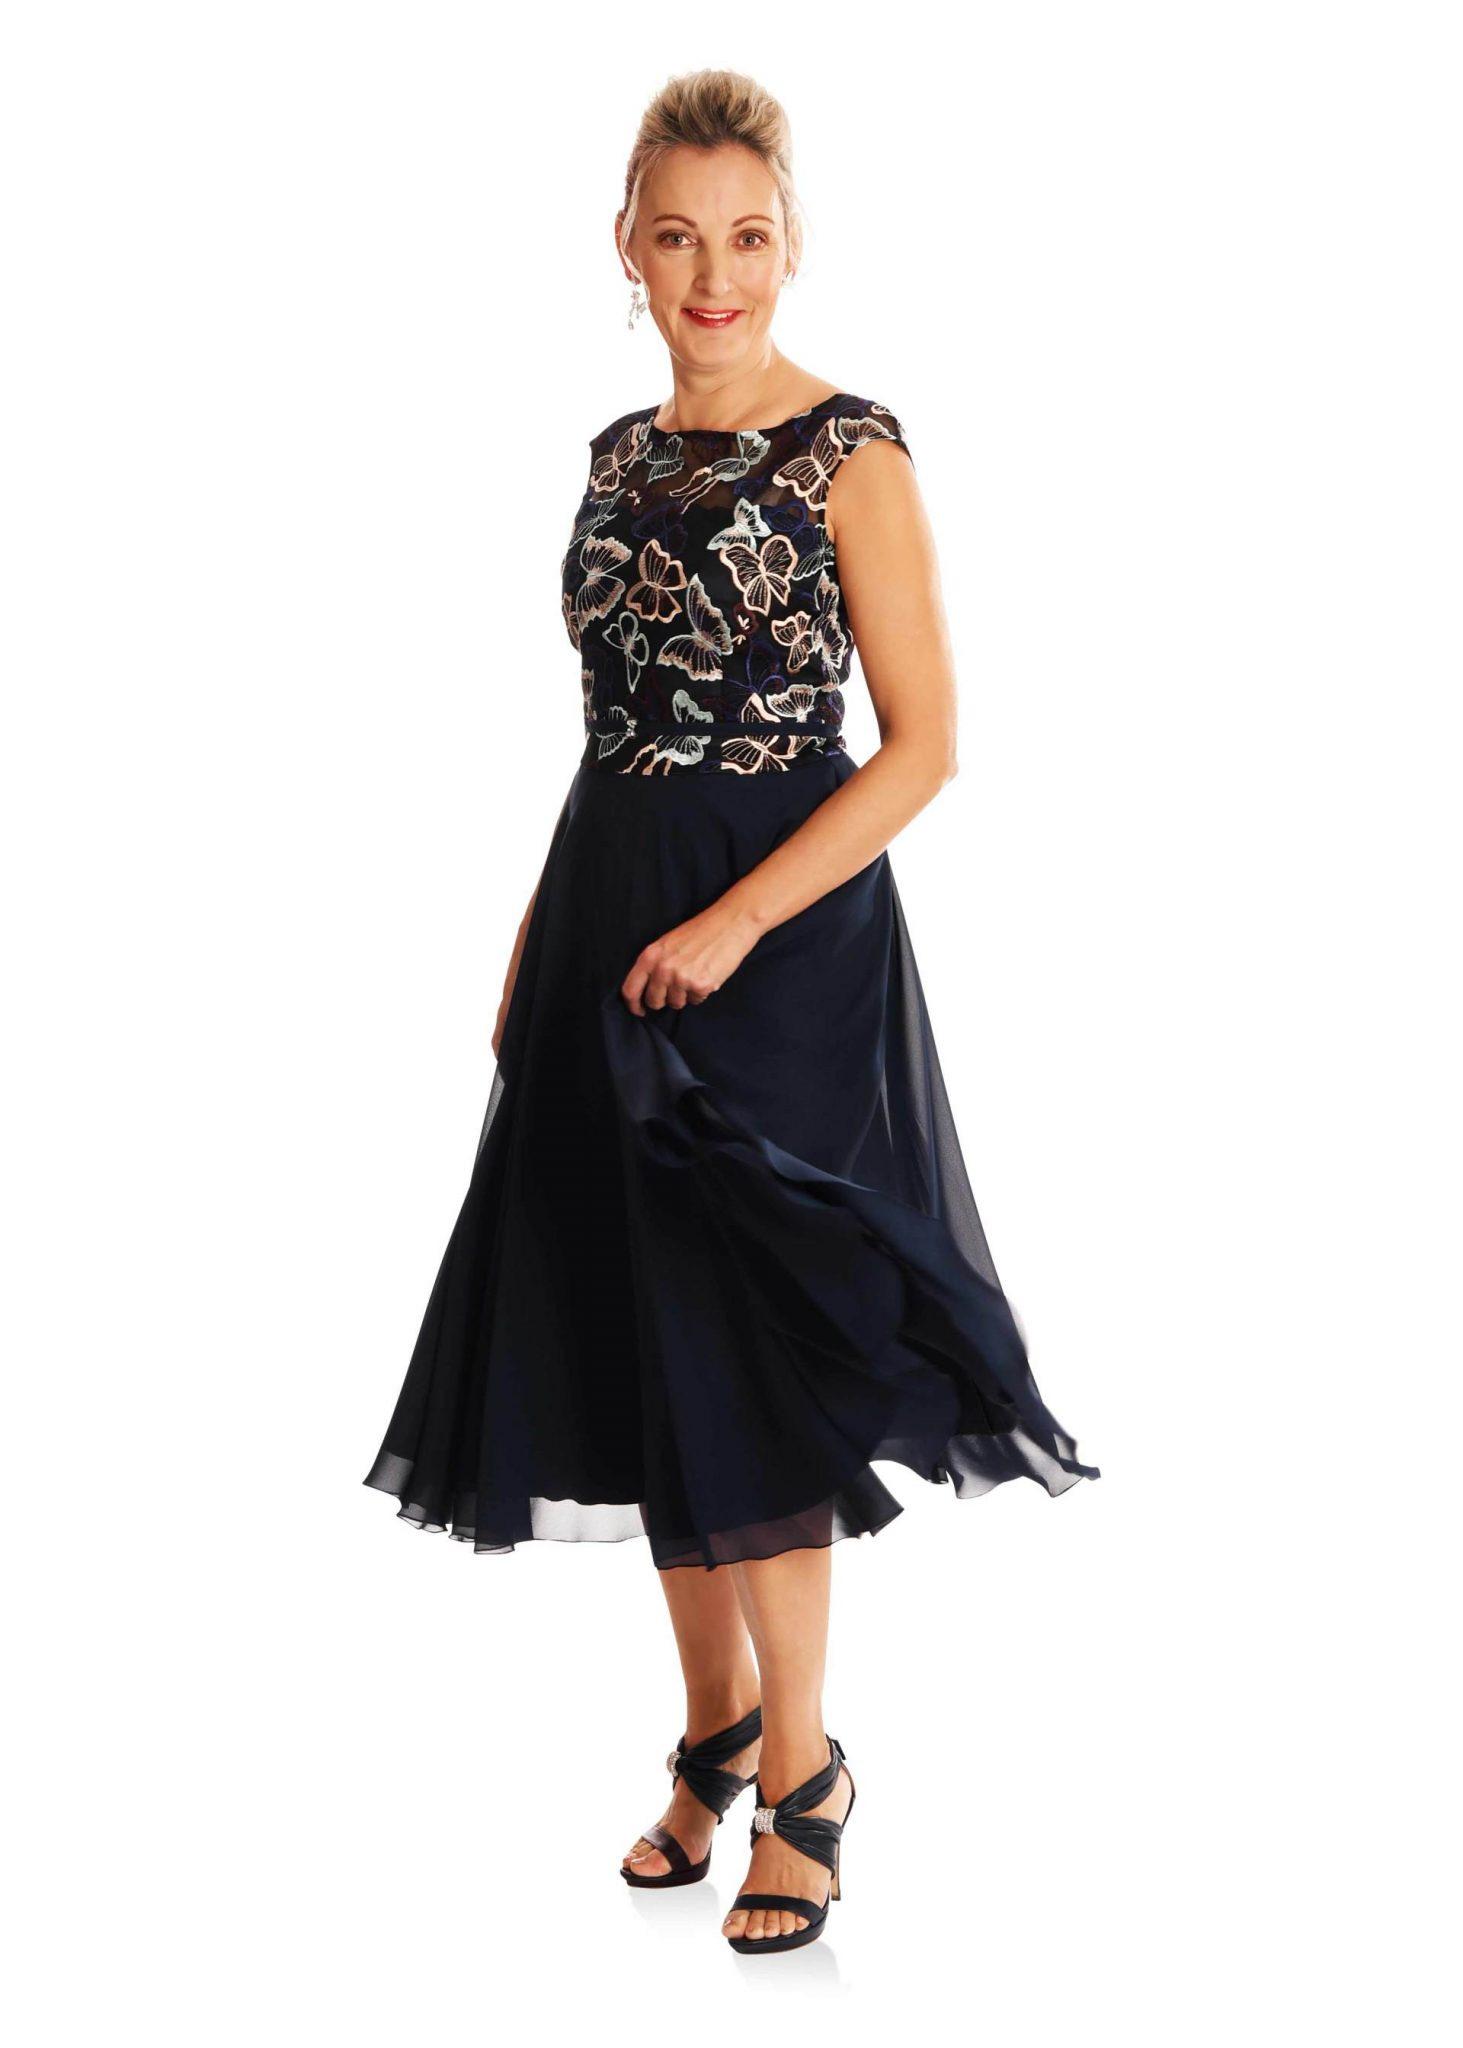 Formal Perfekt Abend Kleid München für 201910 Erstaunlich Abend Kleid München Ärmel